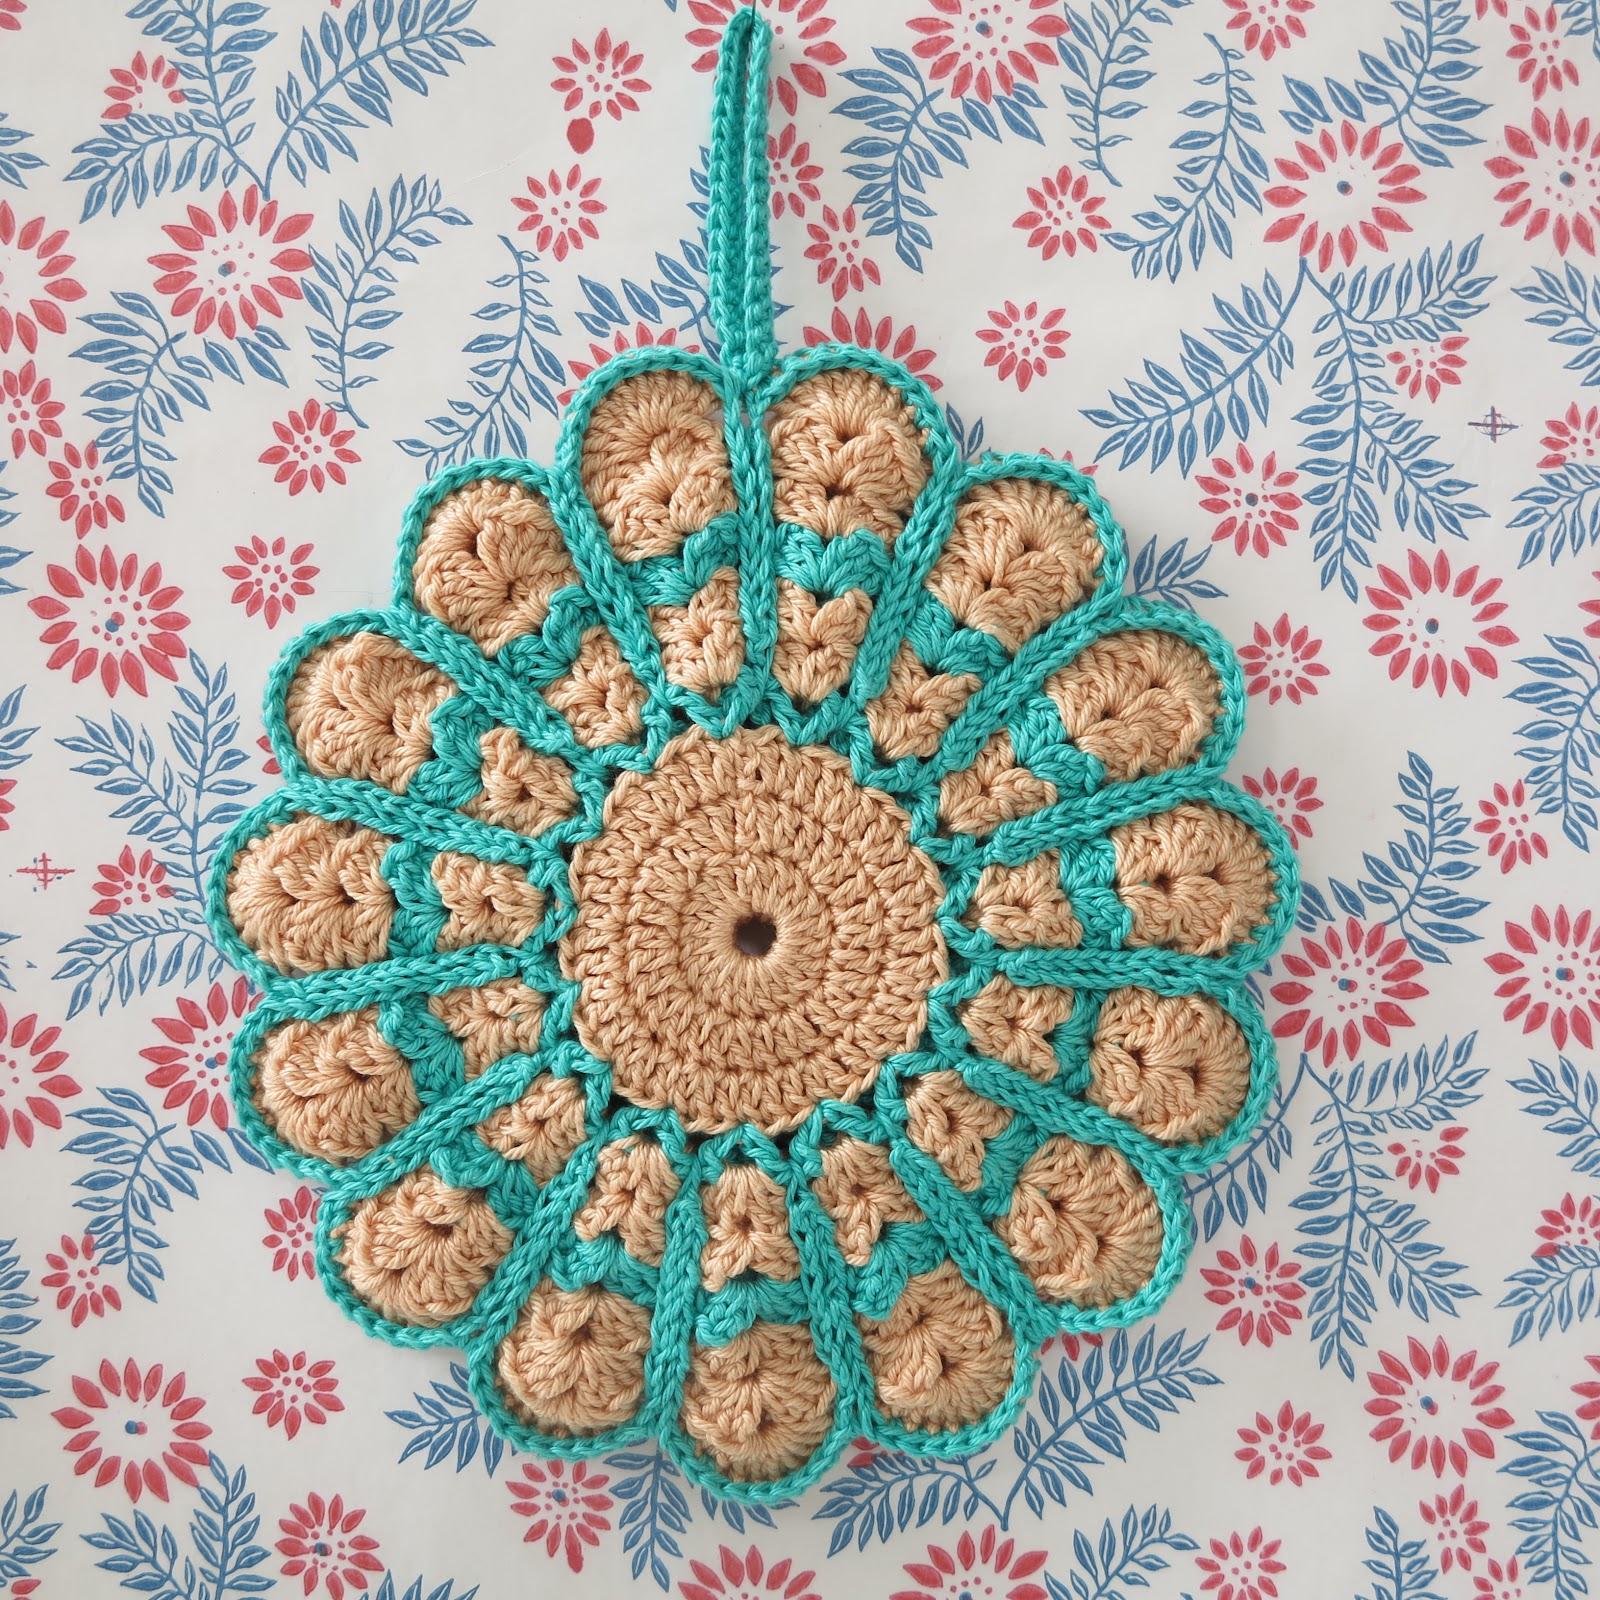 Crochet Potholder Haafner